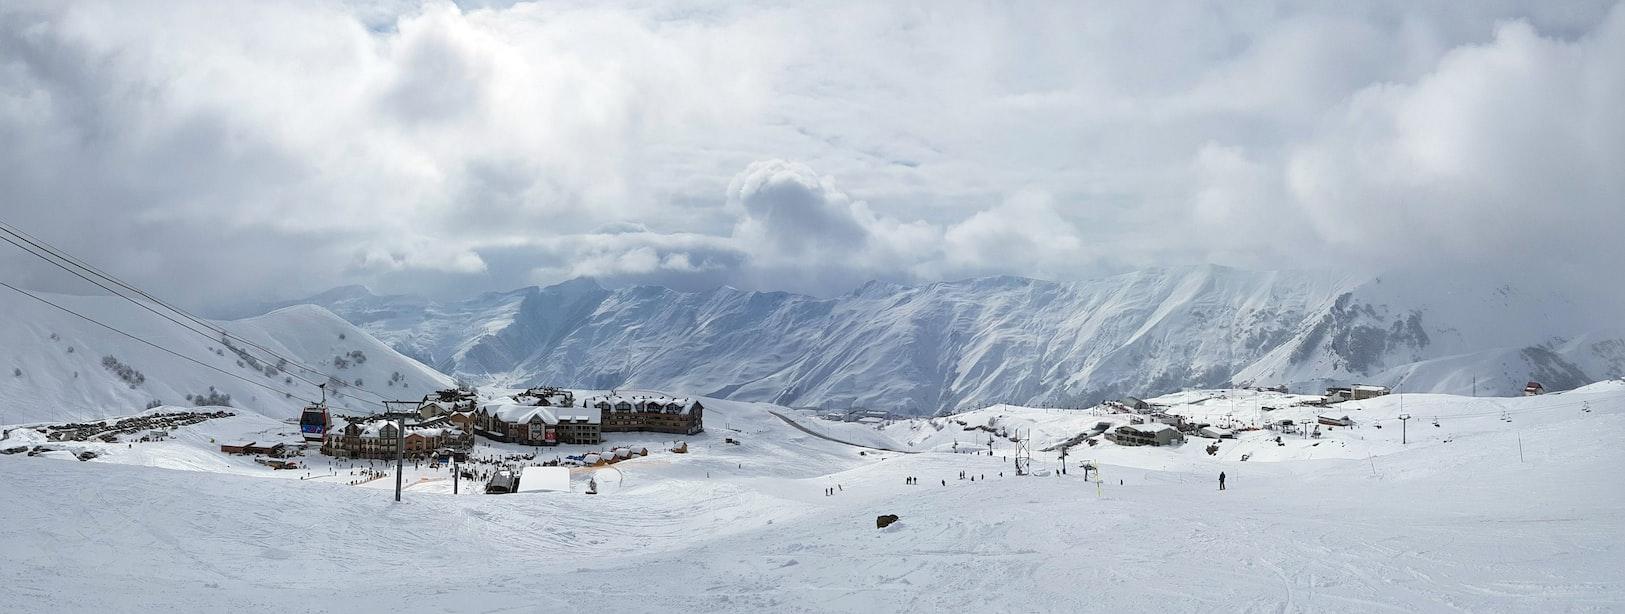 Ski resort Georgia